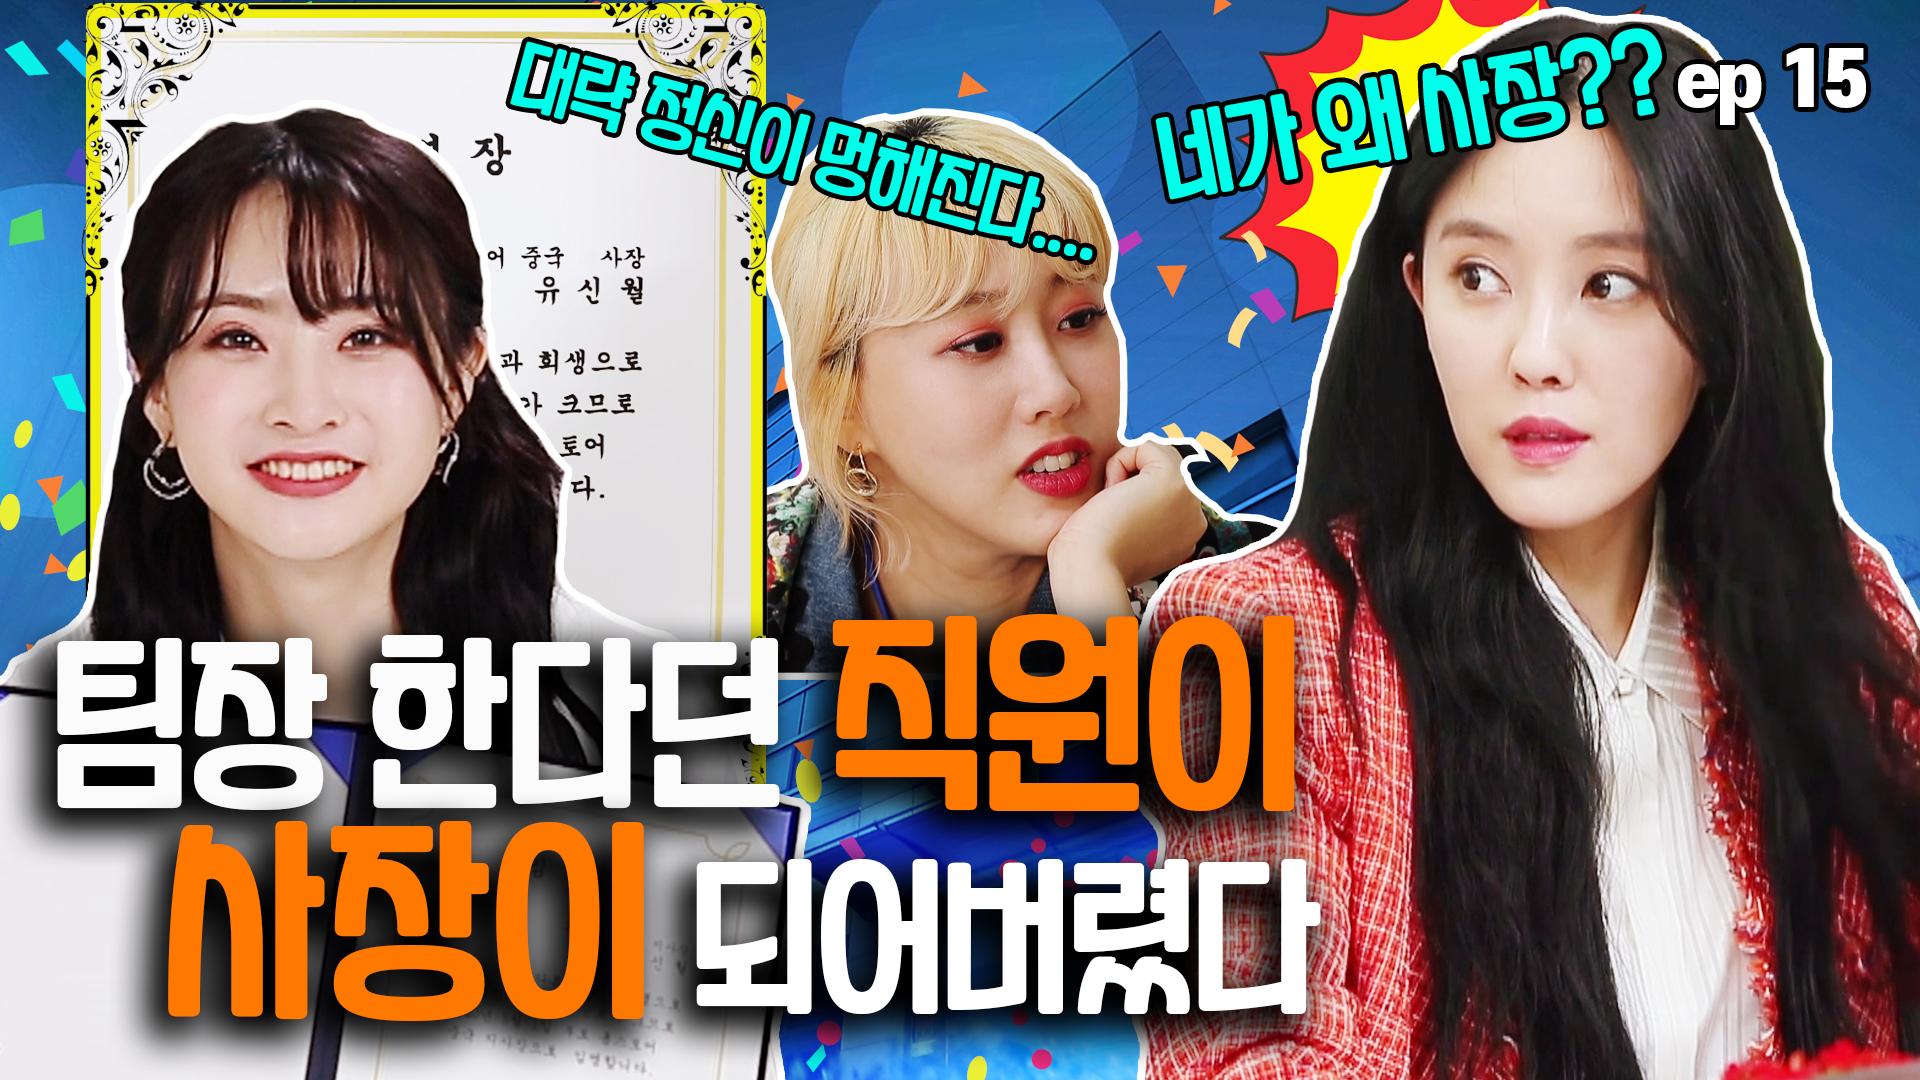 ep. 15 횸스토어에 몰아친 예상치 못한 지각변동 (feat.임라라, 유신월)